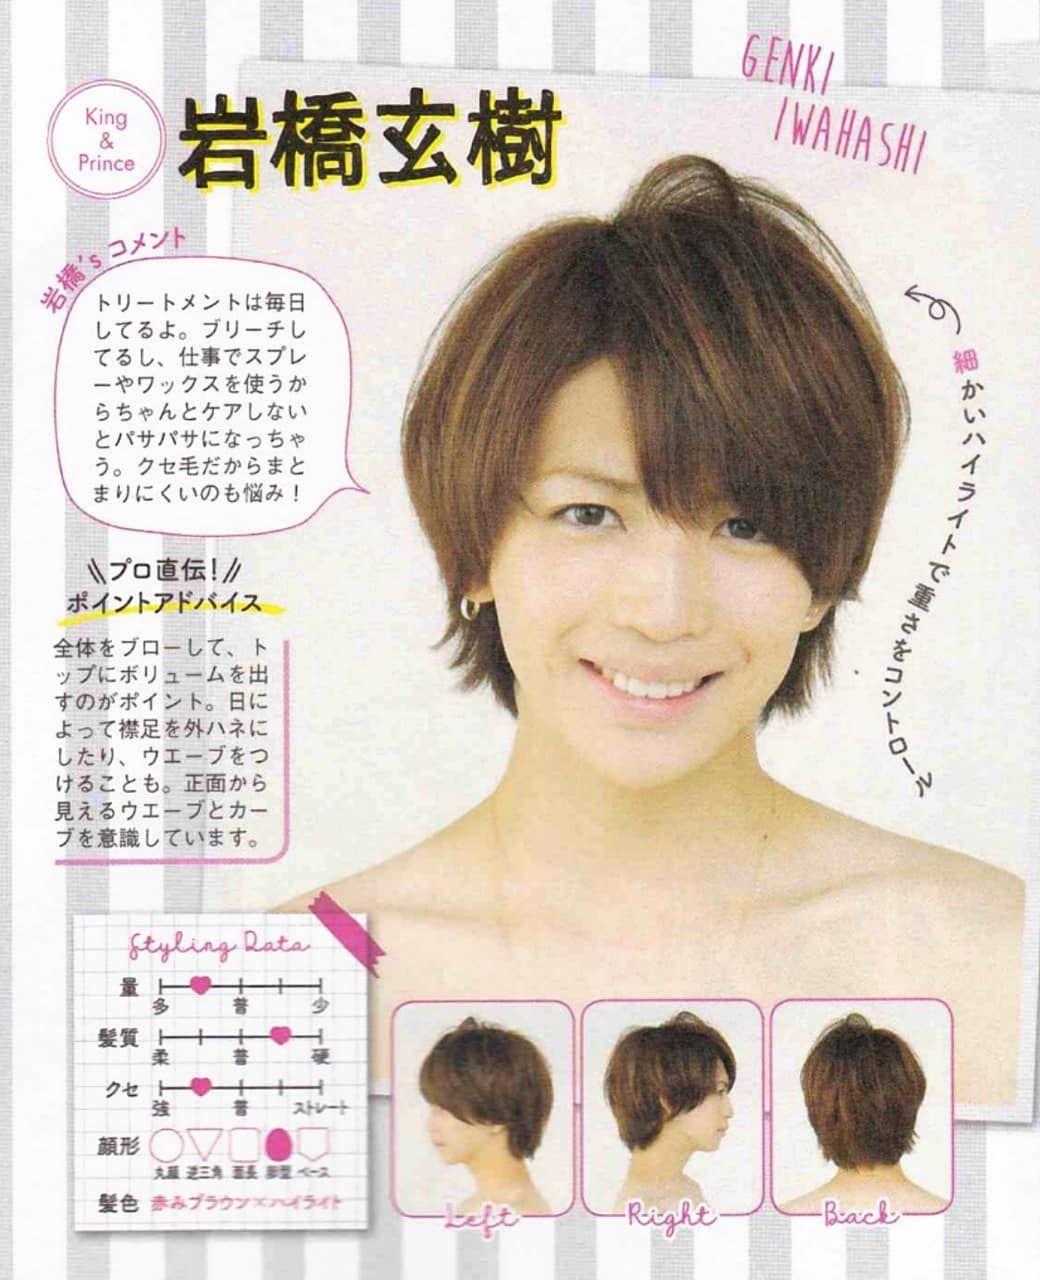 キンプリ 岸 髪型